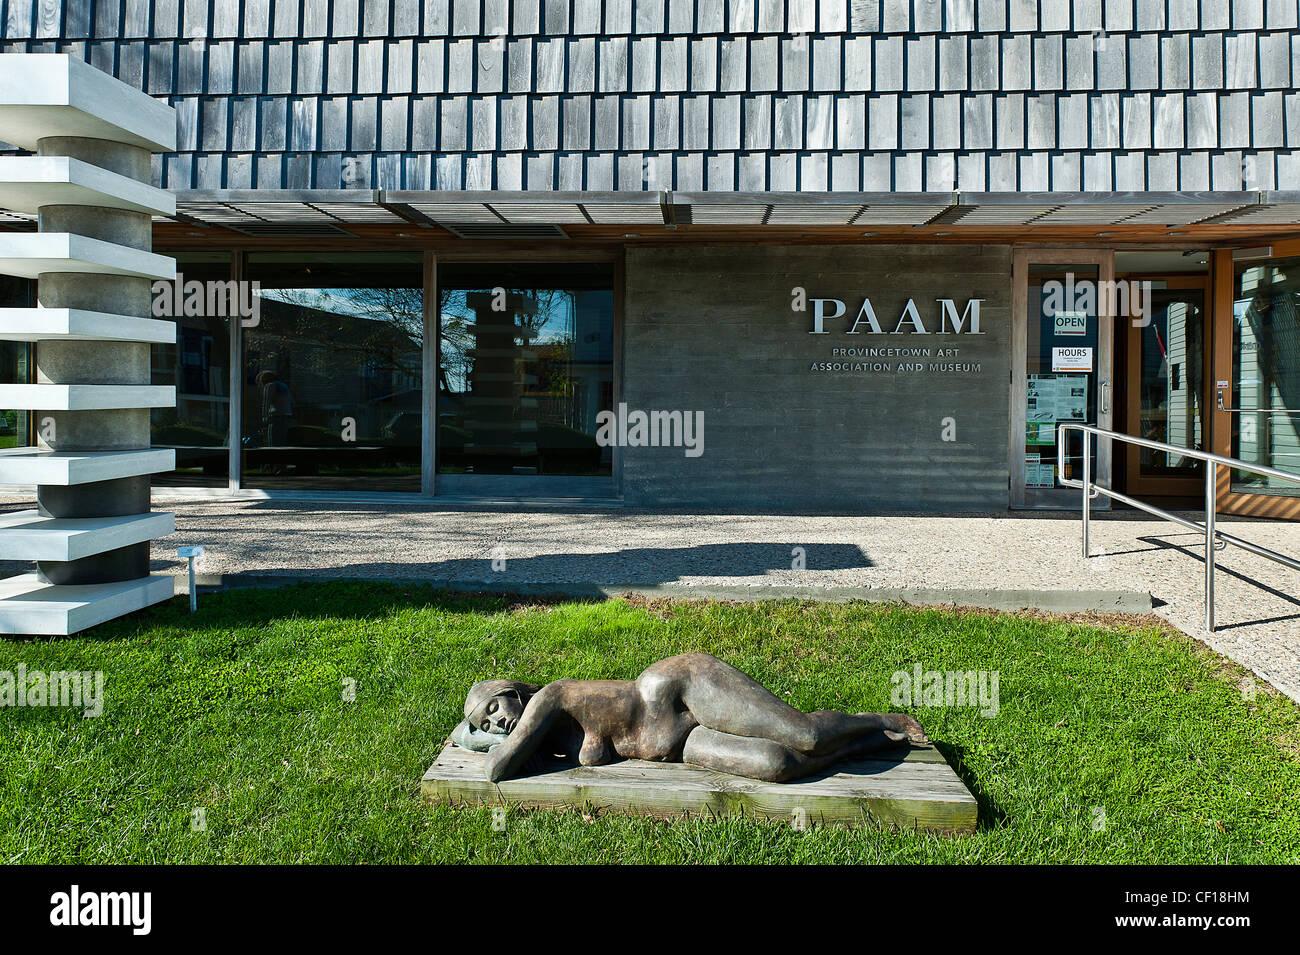 Provincetown Art Association y el museo, en Cape Cod, Massachusetts, EE.UU. Imagen De Stock